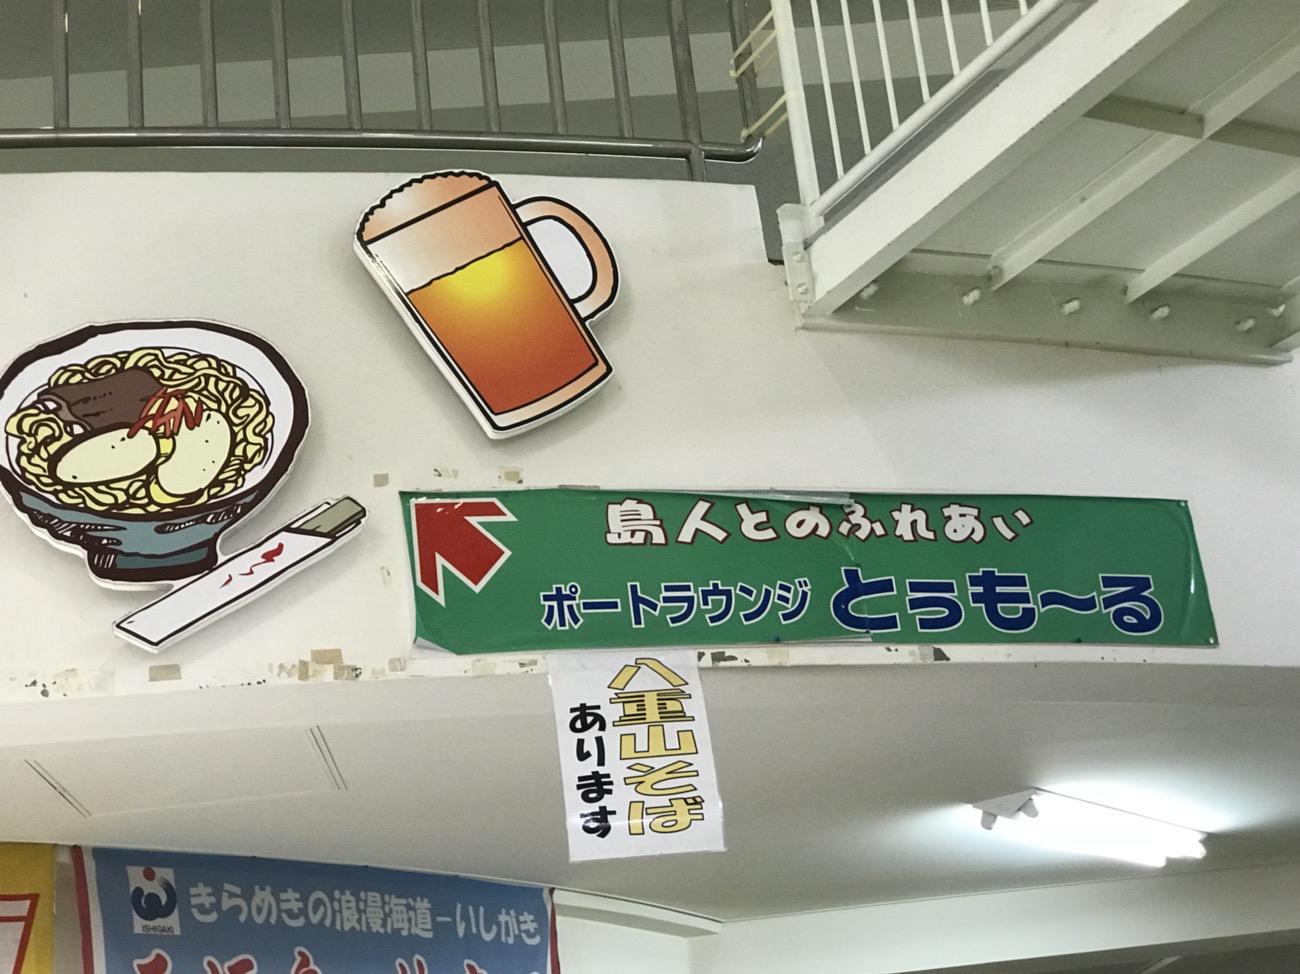 石垣港離島ターミナル食堂ランチ